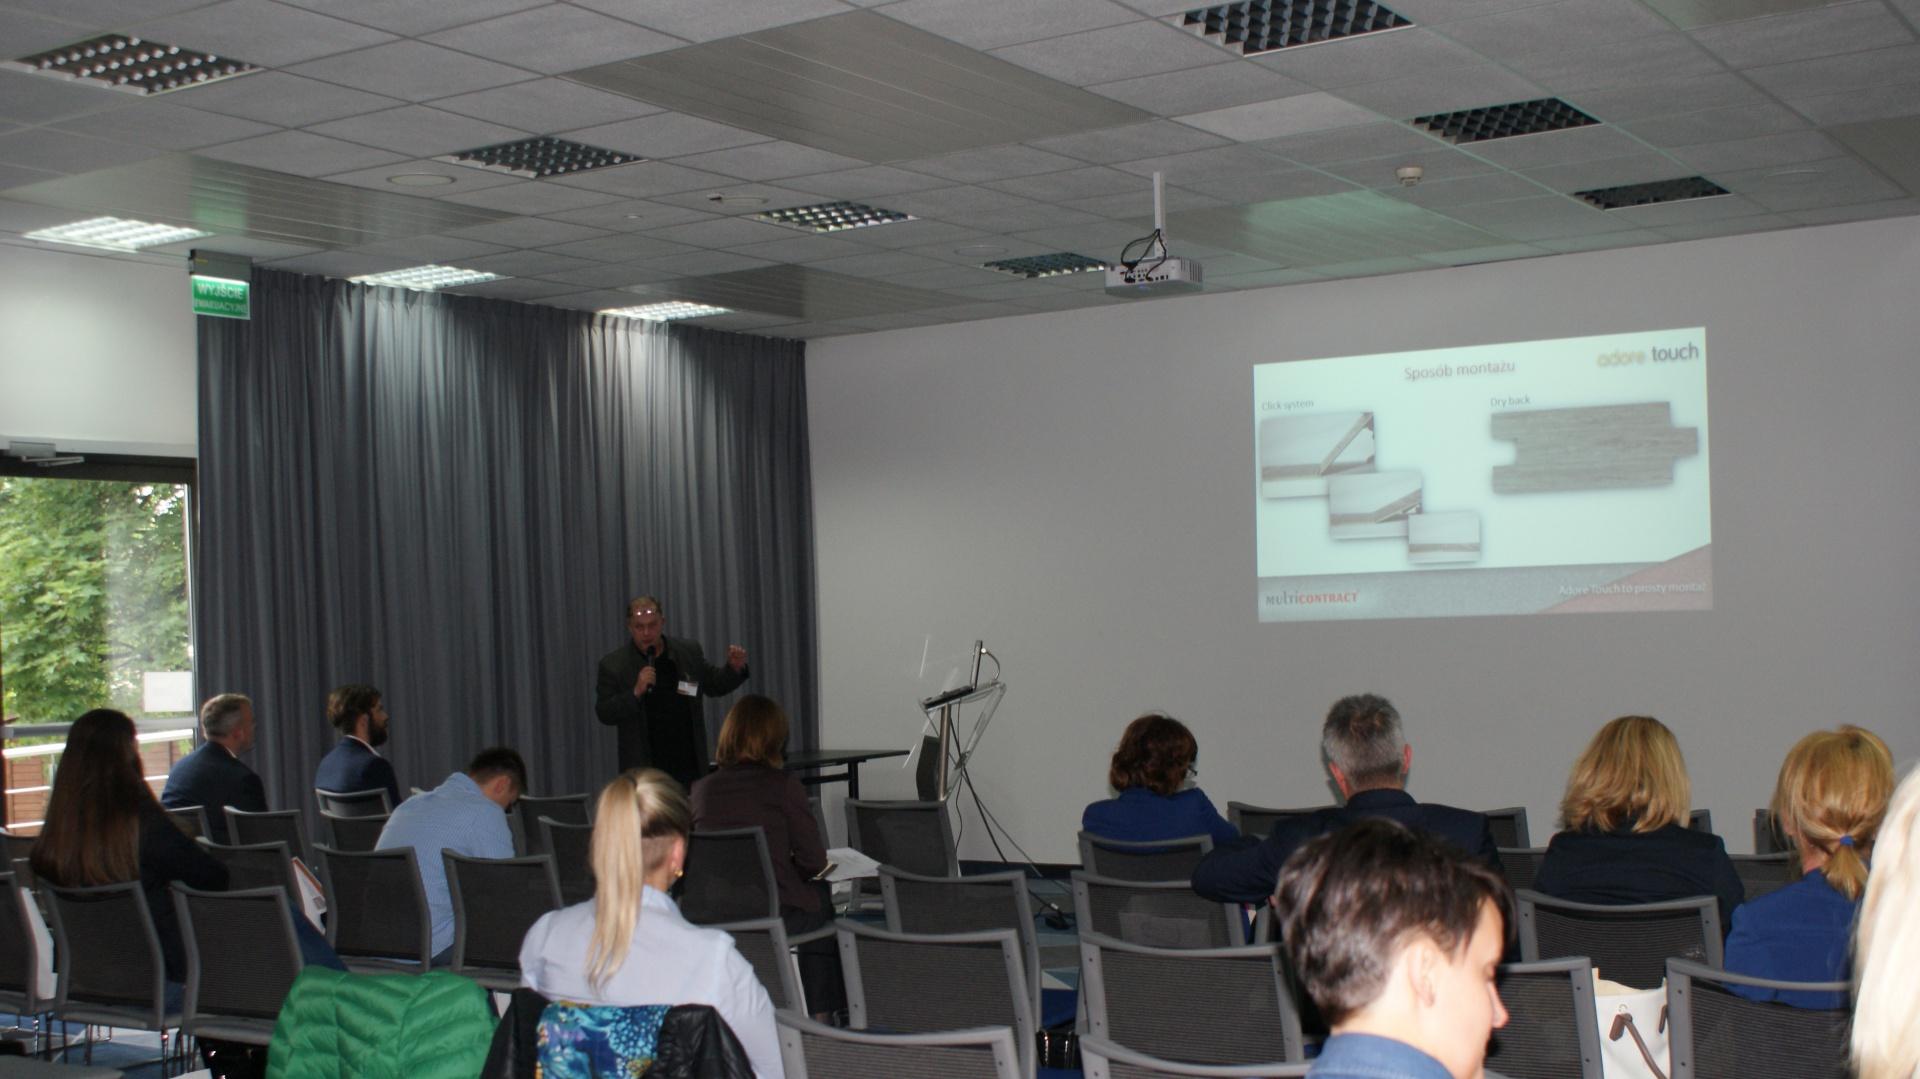 27 maja br. w hotelu Novotel w katowicach odbyła się konferencja pt. Rozwój produktu hotelowego. Marketing. Design. Strategia cenowa. fot. orgnizator konferencji